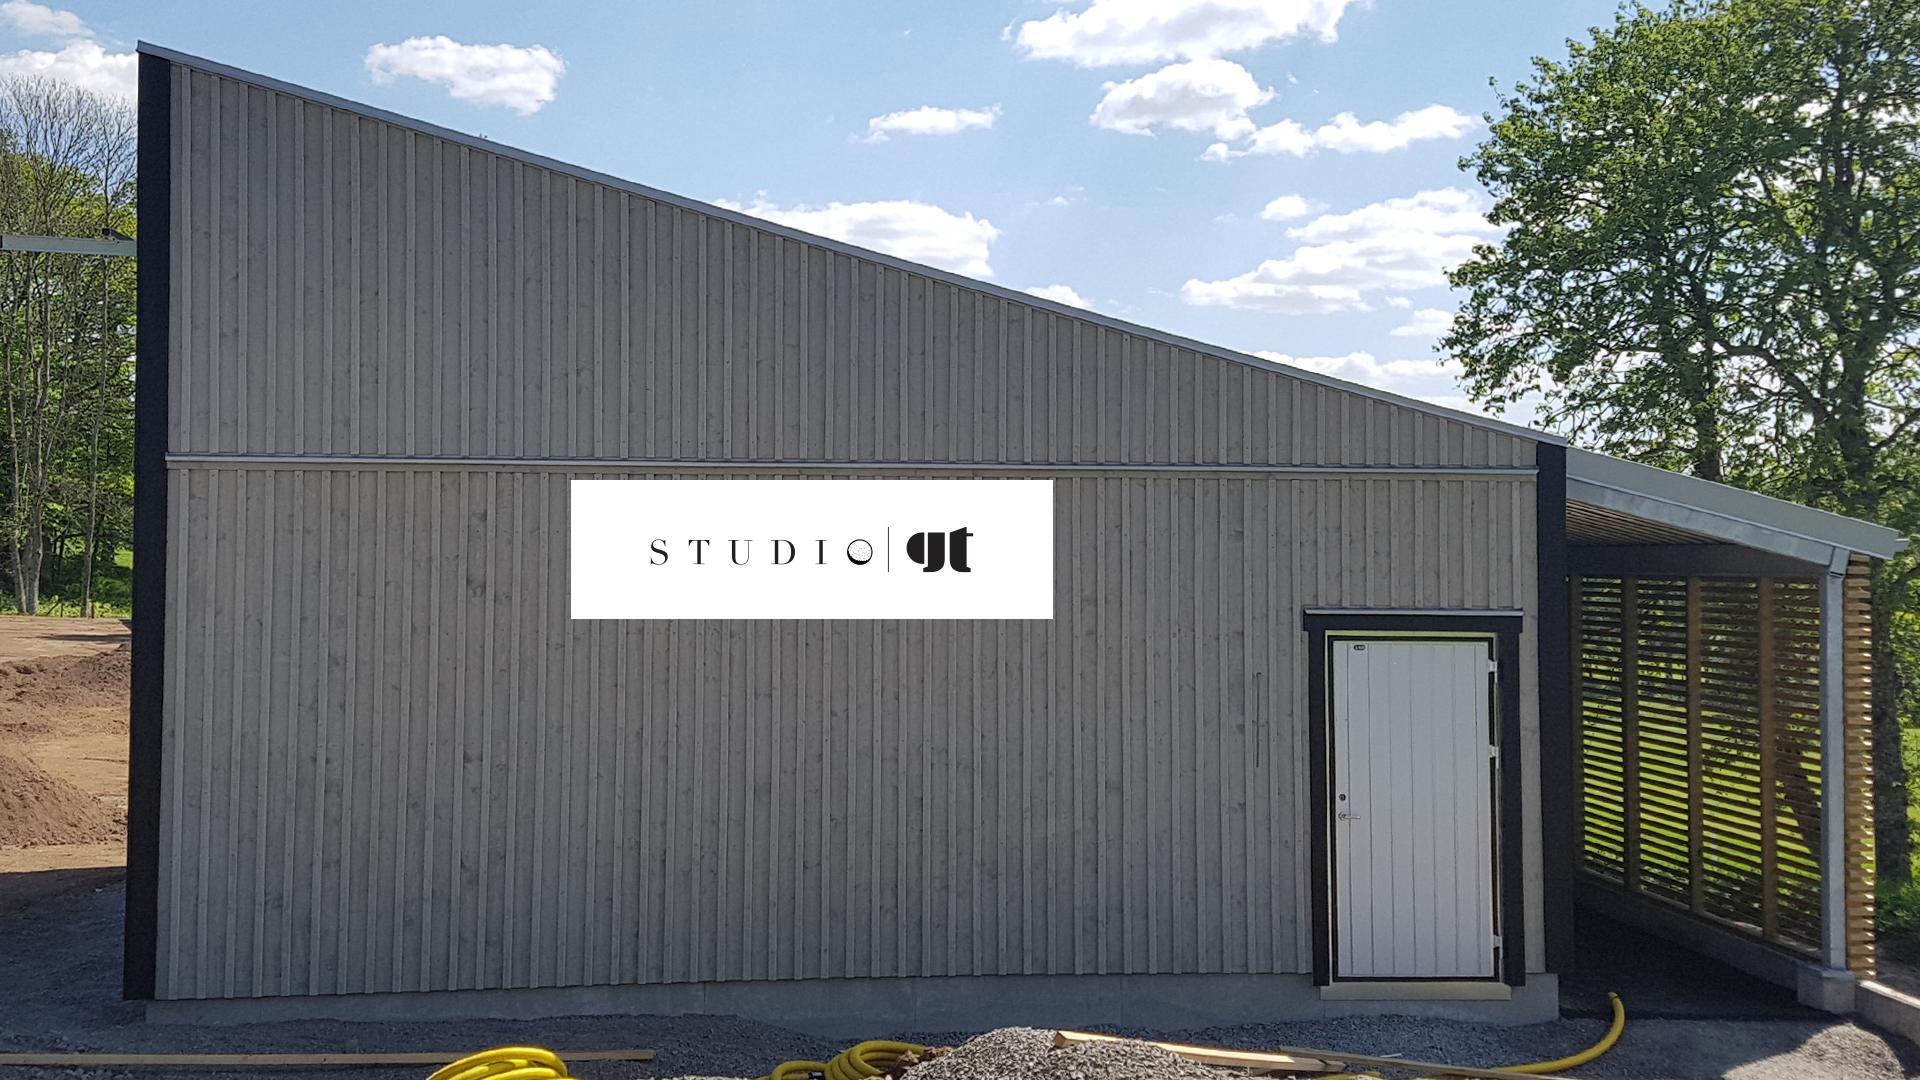 Studio_gt_placering-1.jpg